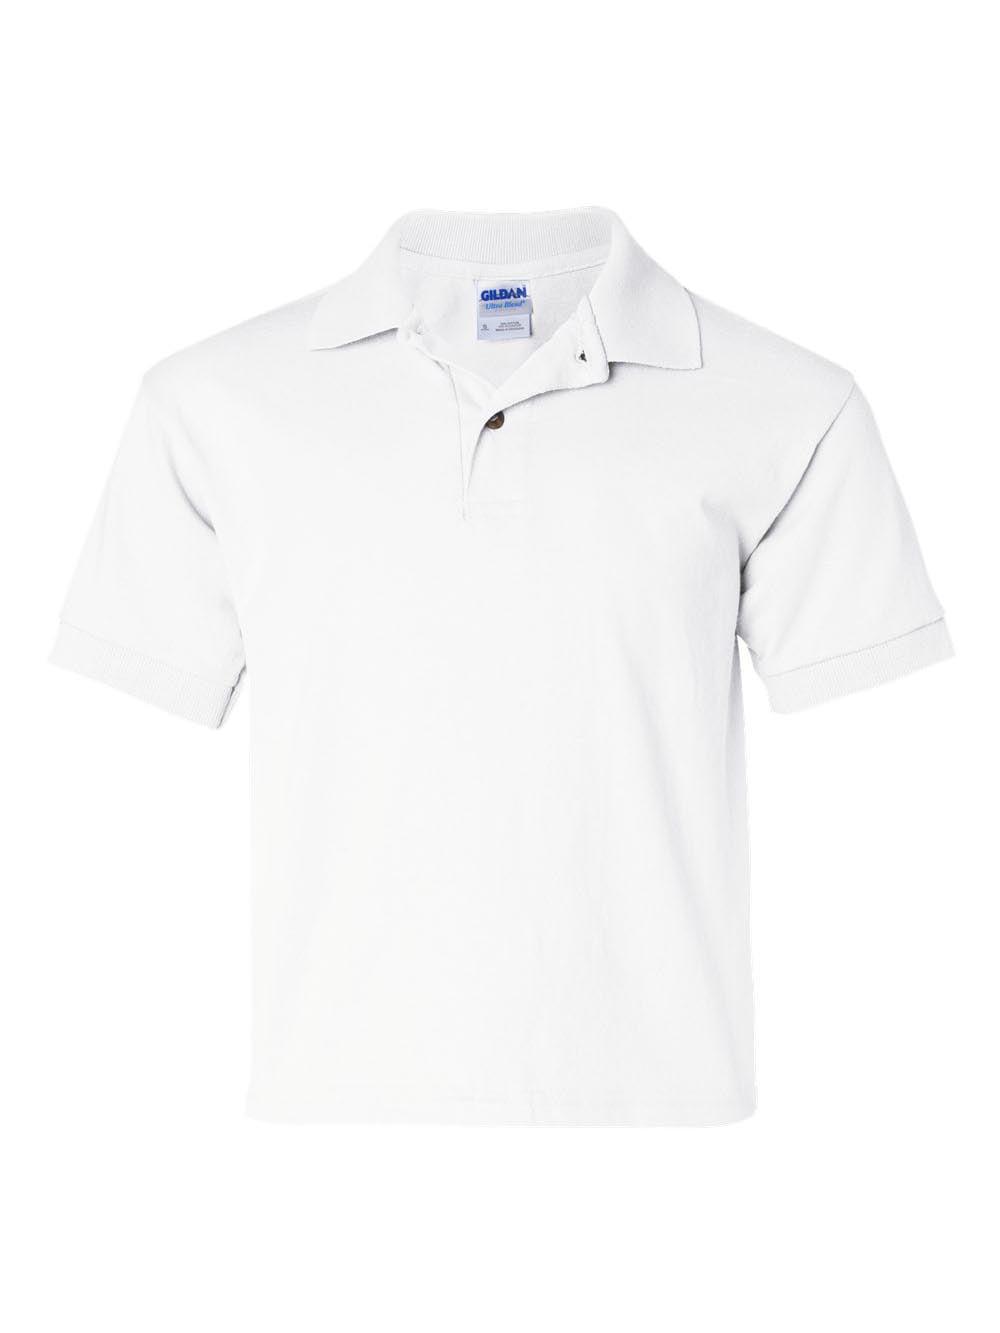 Gildan - DryBlend Youth Jersey Sport Shirt - 8800B